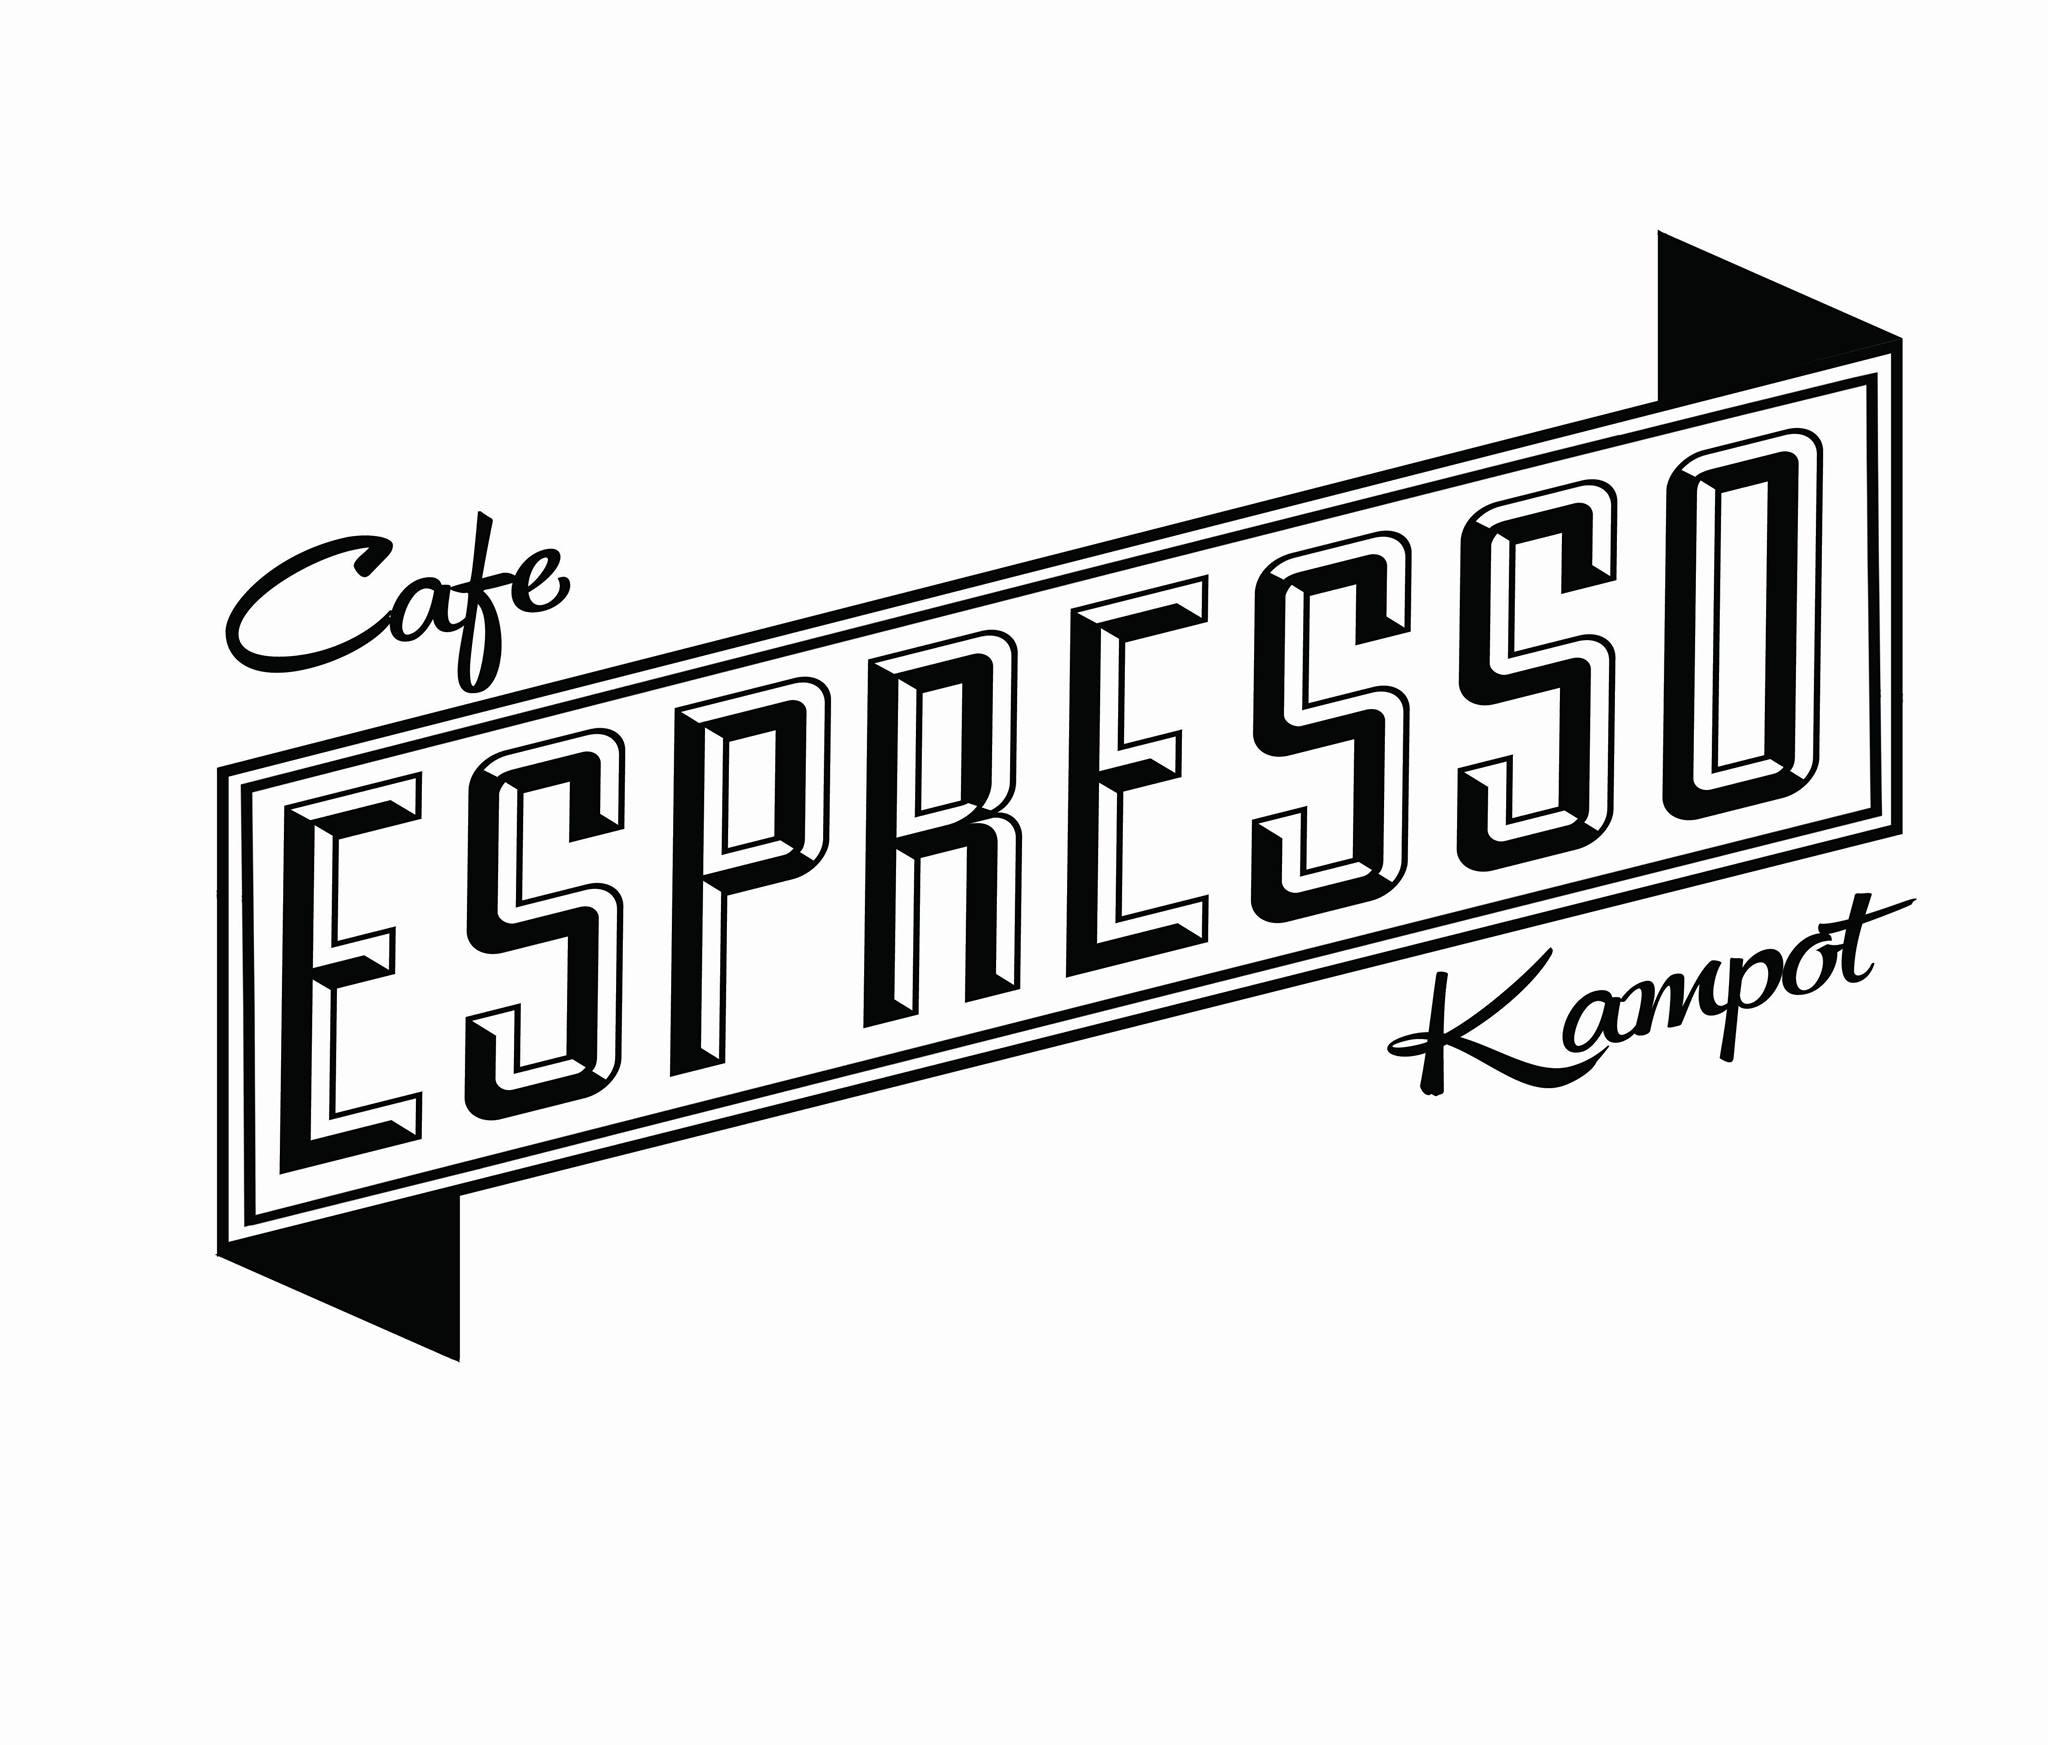 Cafe Espresso logo Kampot Cambodia